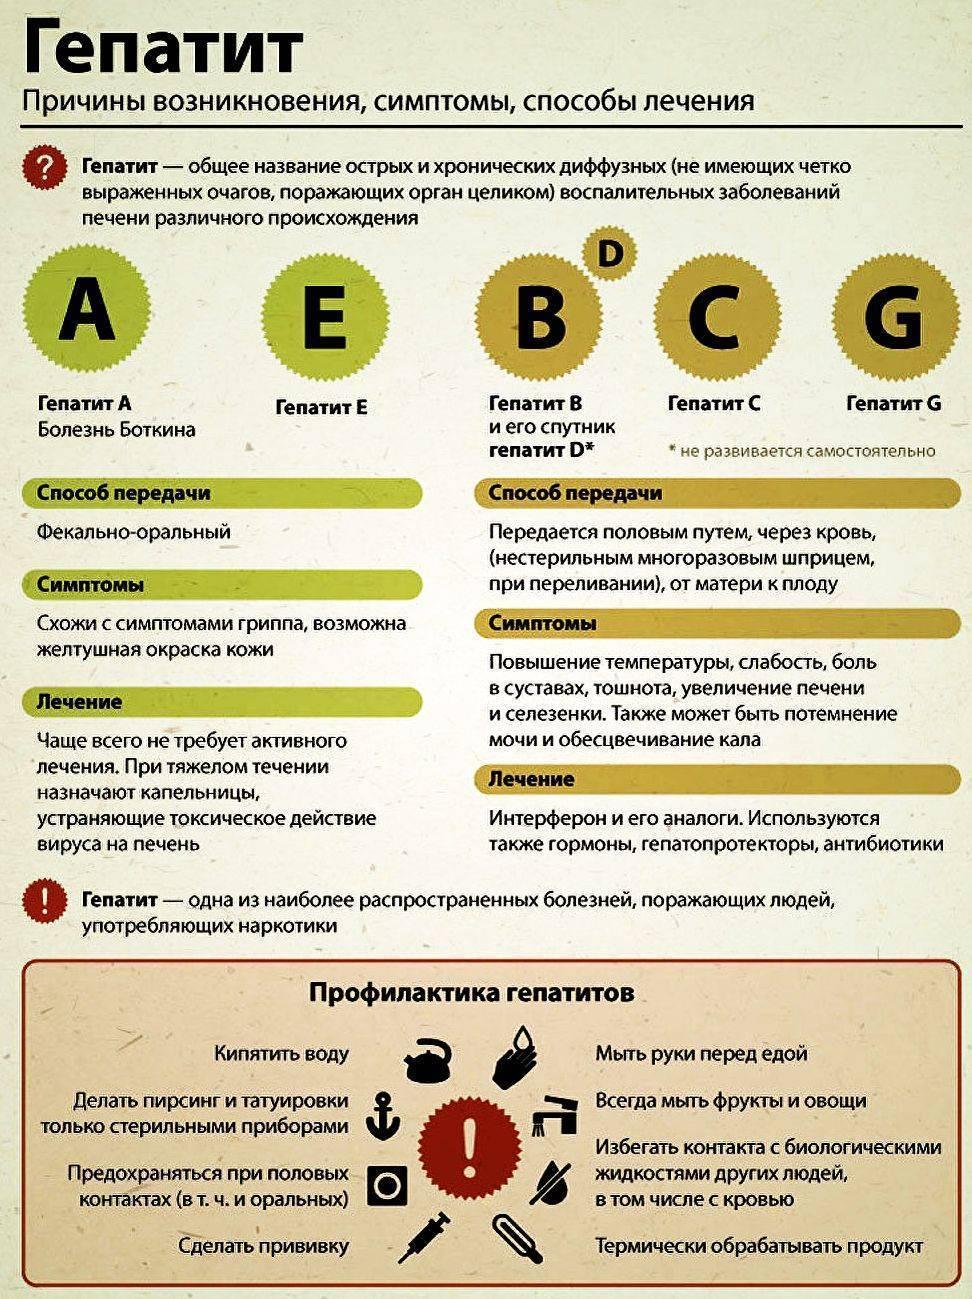 лечение хронического гепатита в полное излечение